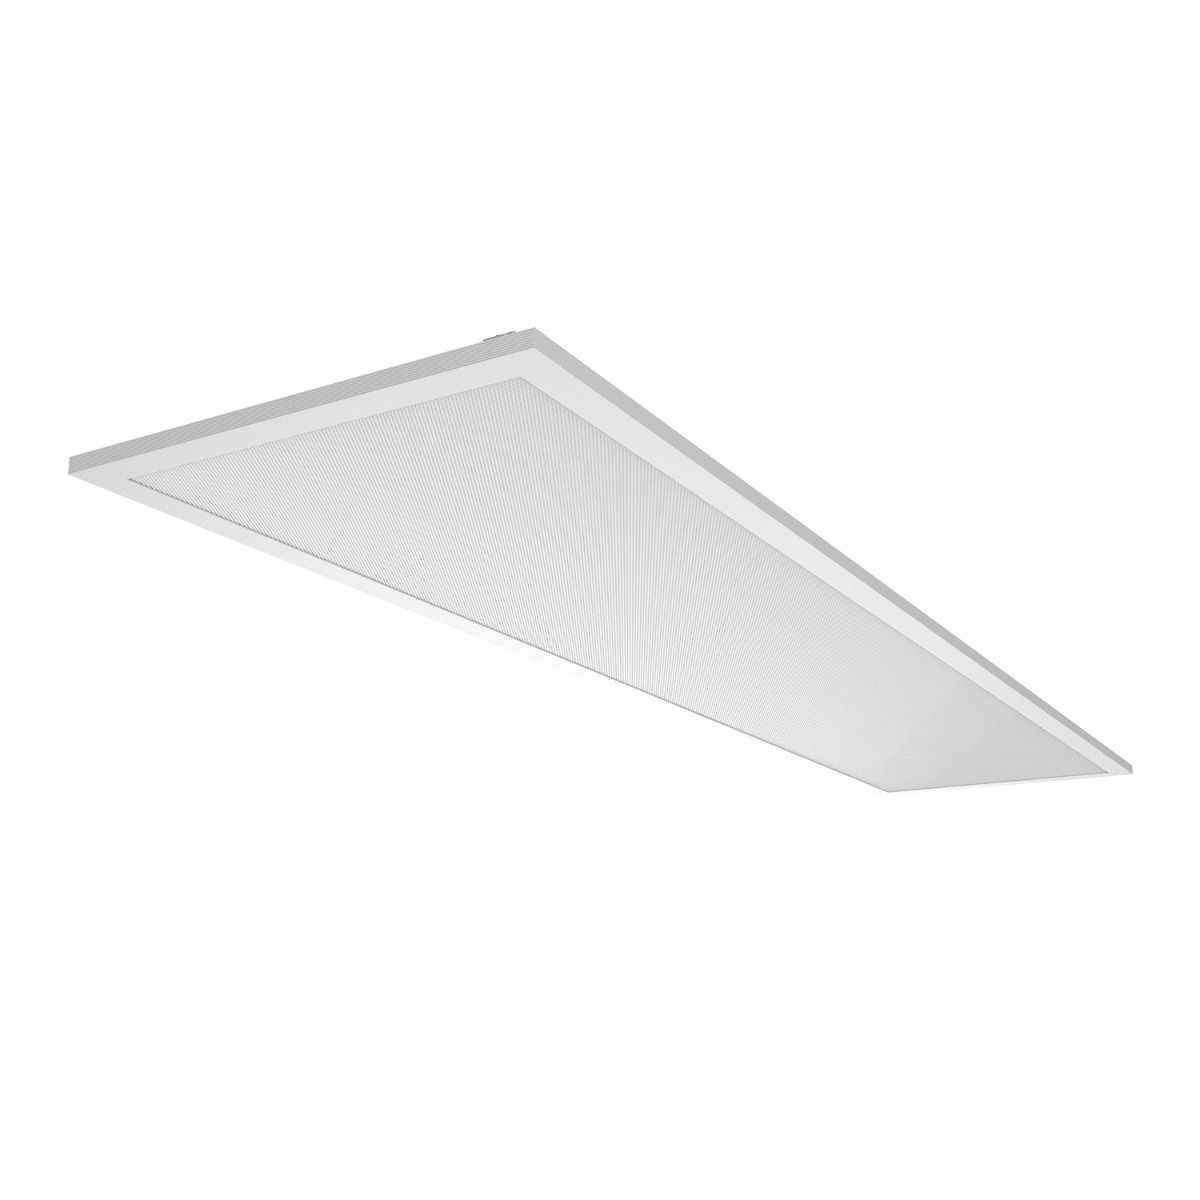 Noxion LED Panel Delta Pro V3 30W 4000K 4070lm 30x120cm UGR <19   Cool White - Replaces 2x36W